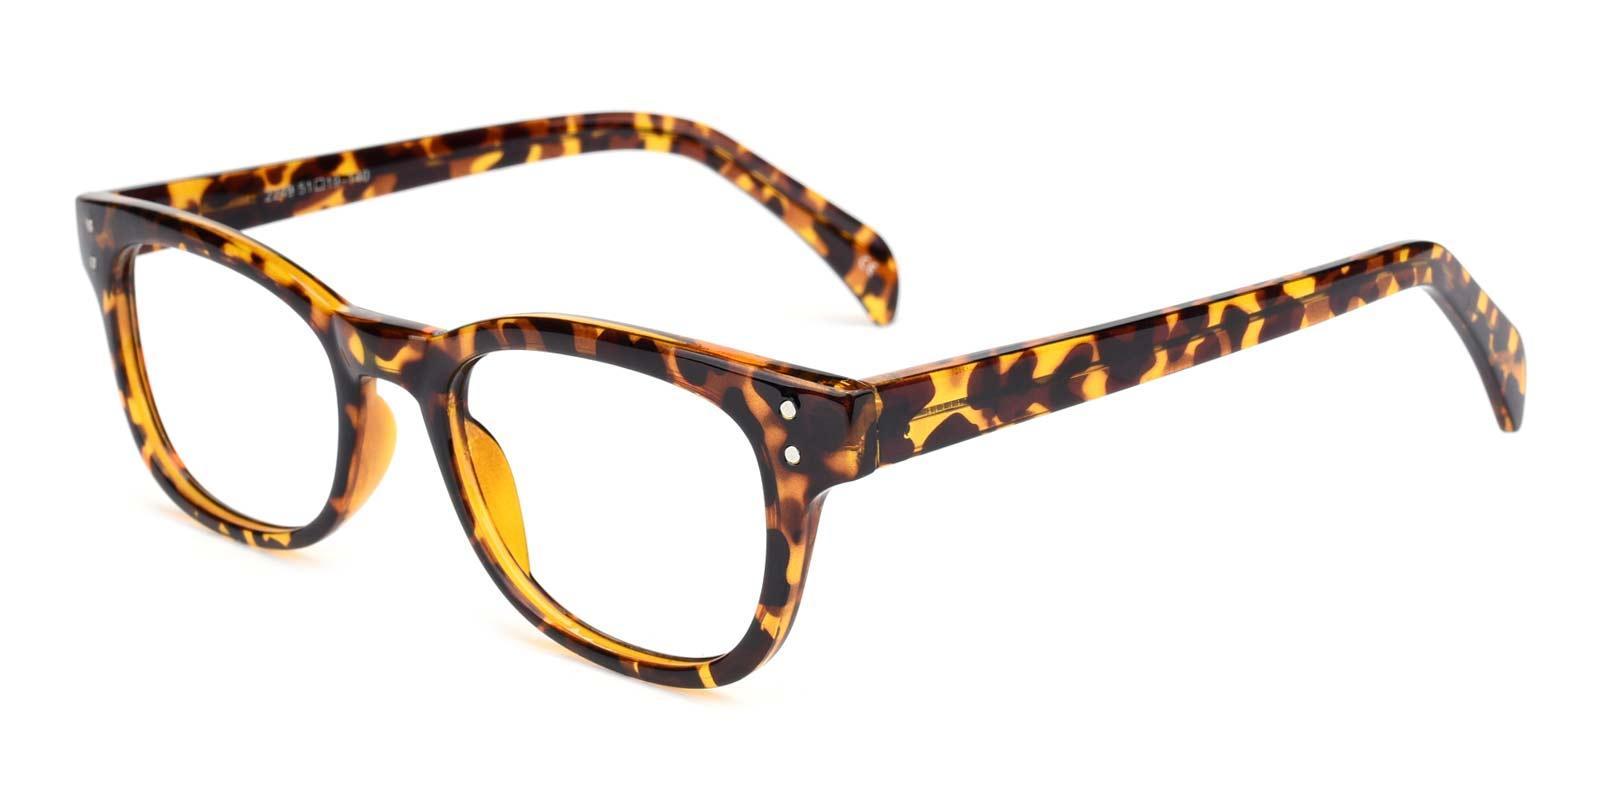 Noar-Tortoise-Rectangle-Plastic-Eyeglasses-detail